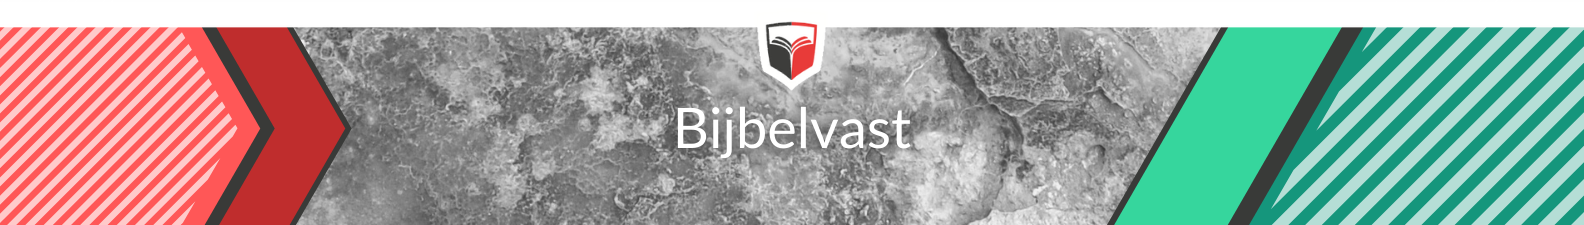 Bijbelvast